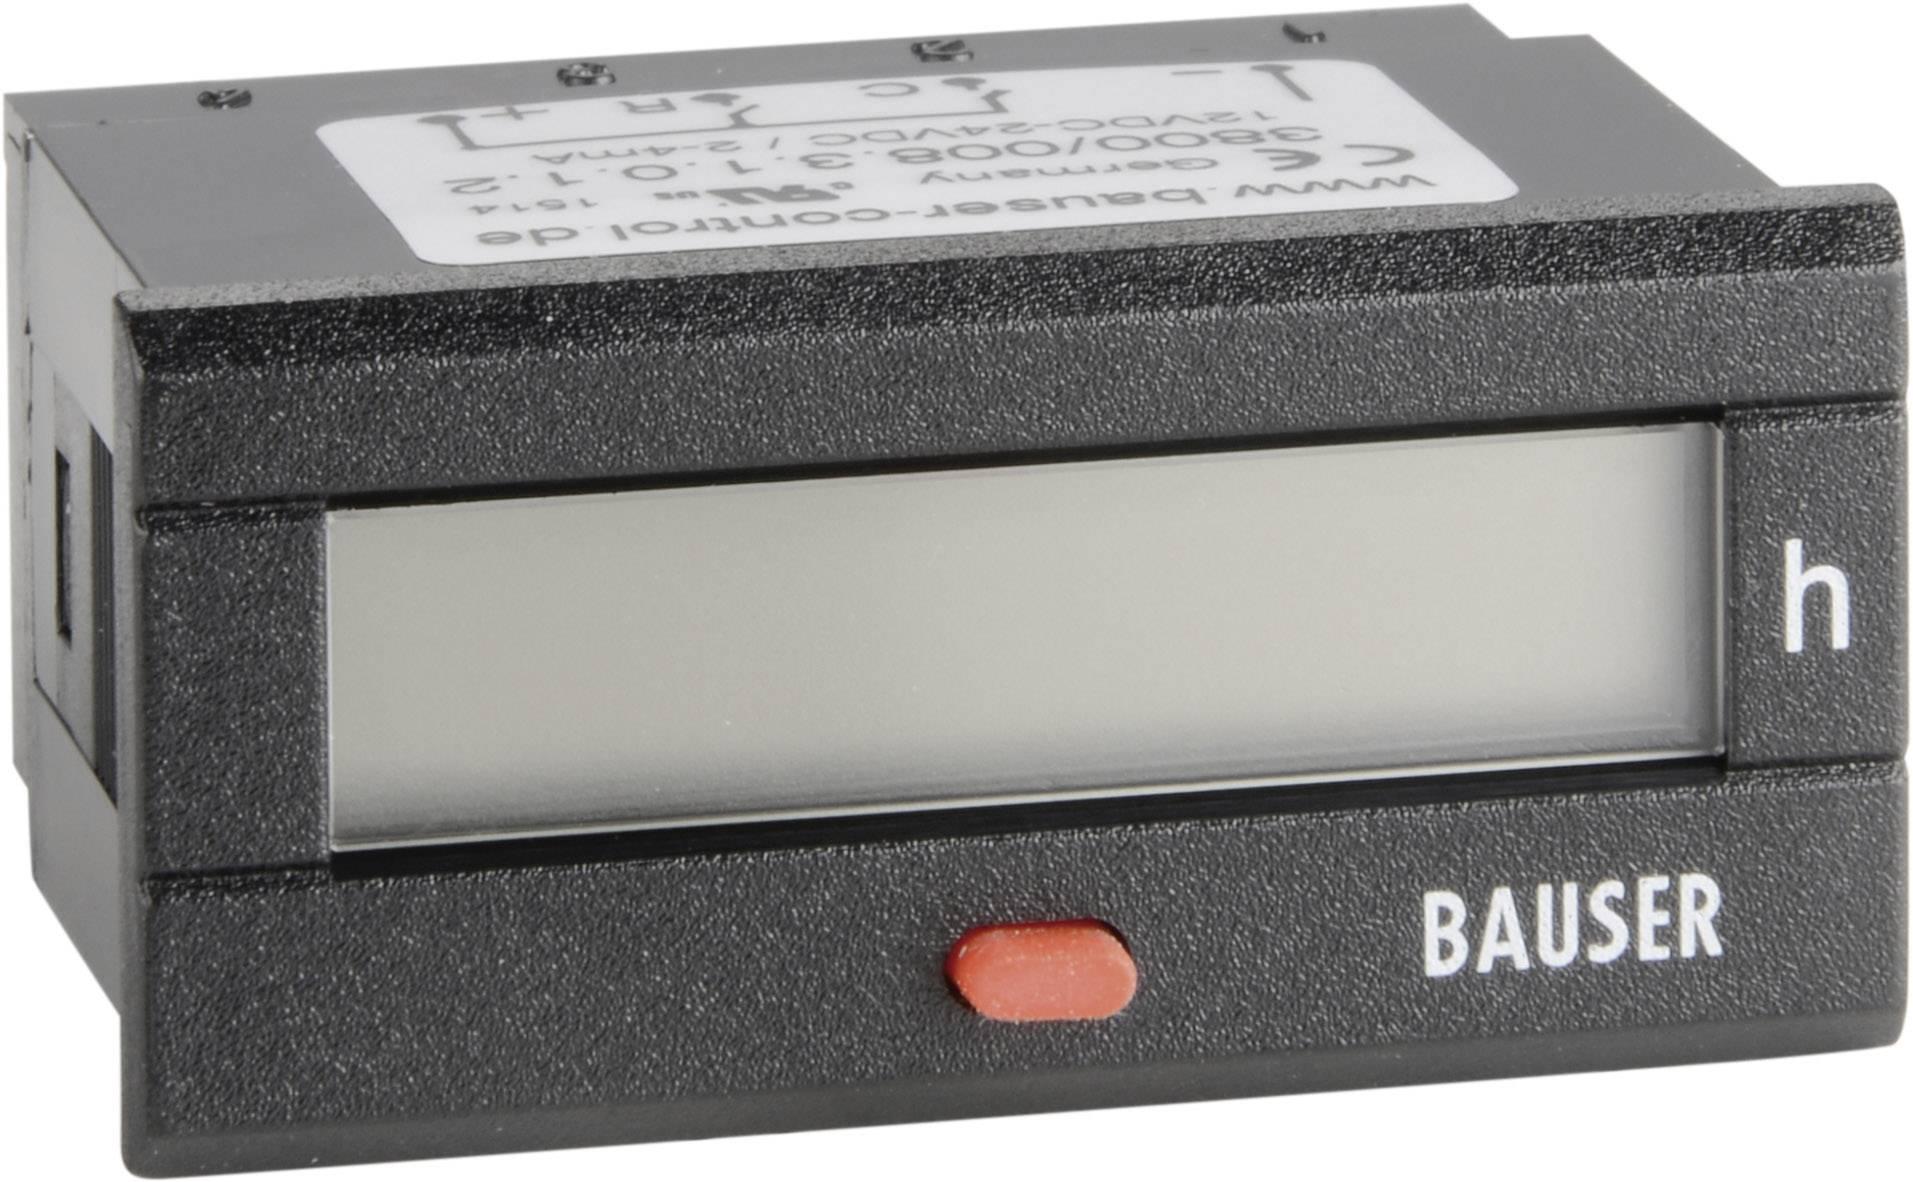 Počítadlo prevádzkových hodín Bauser 3800.3.1.0.1.2 AC, 115 - 240 VAC, 45 x 22 mm, IP54